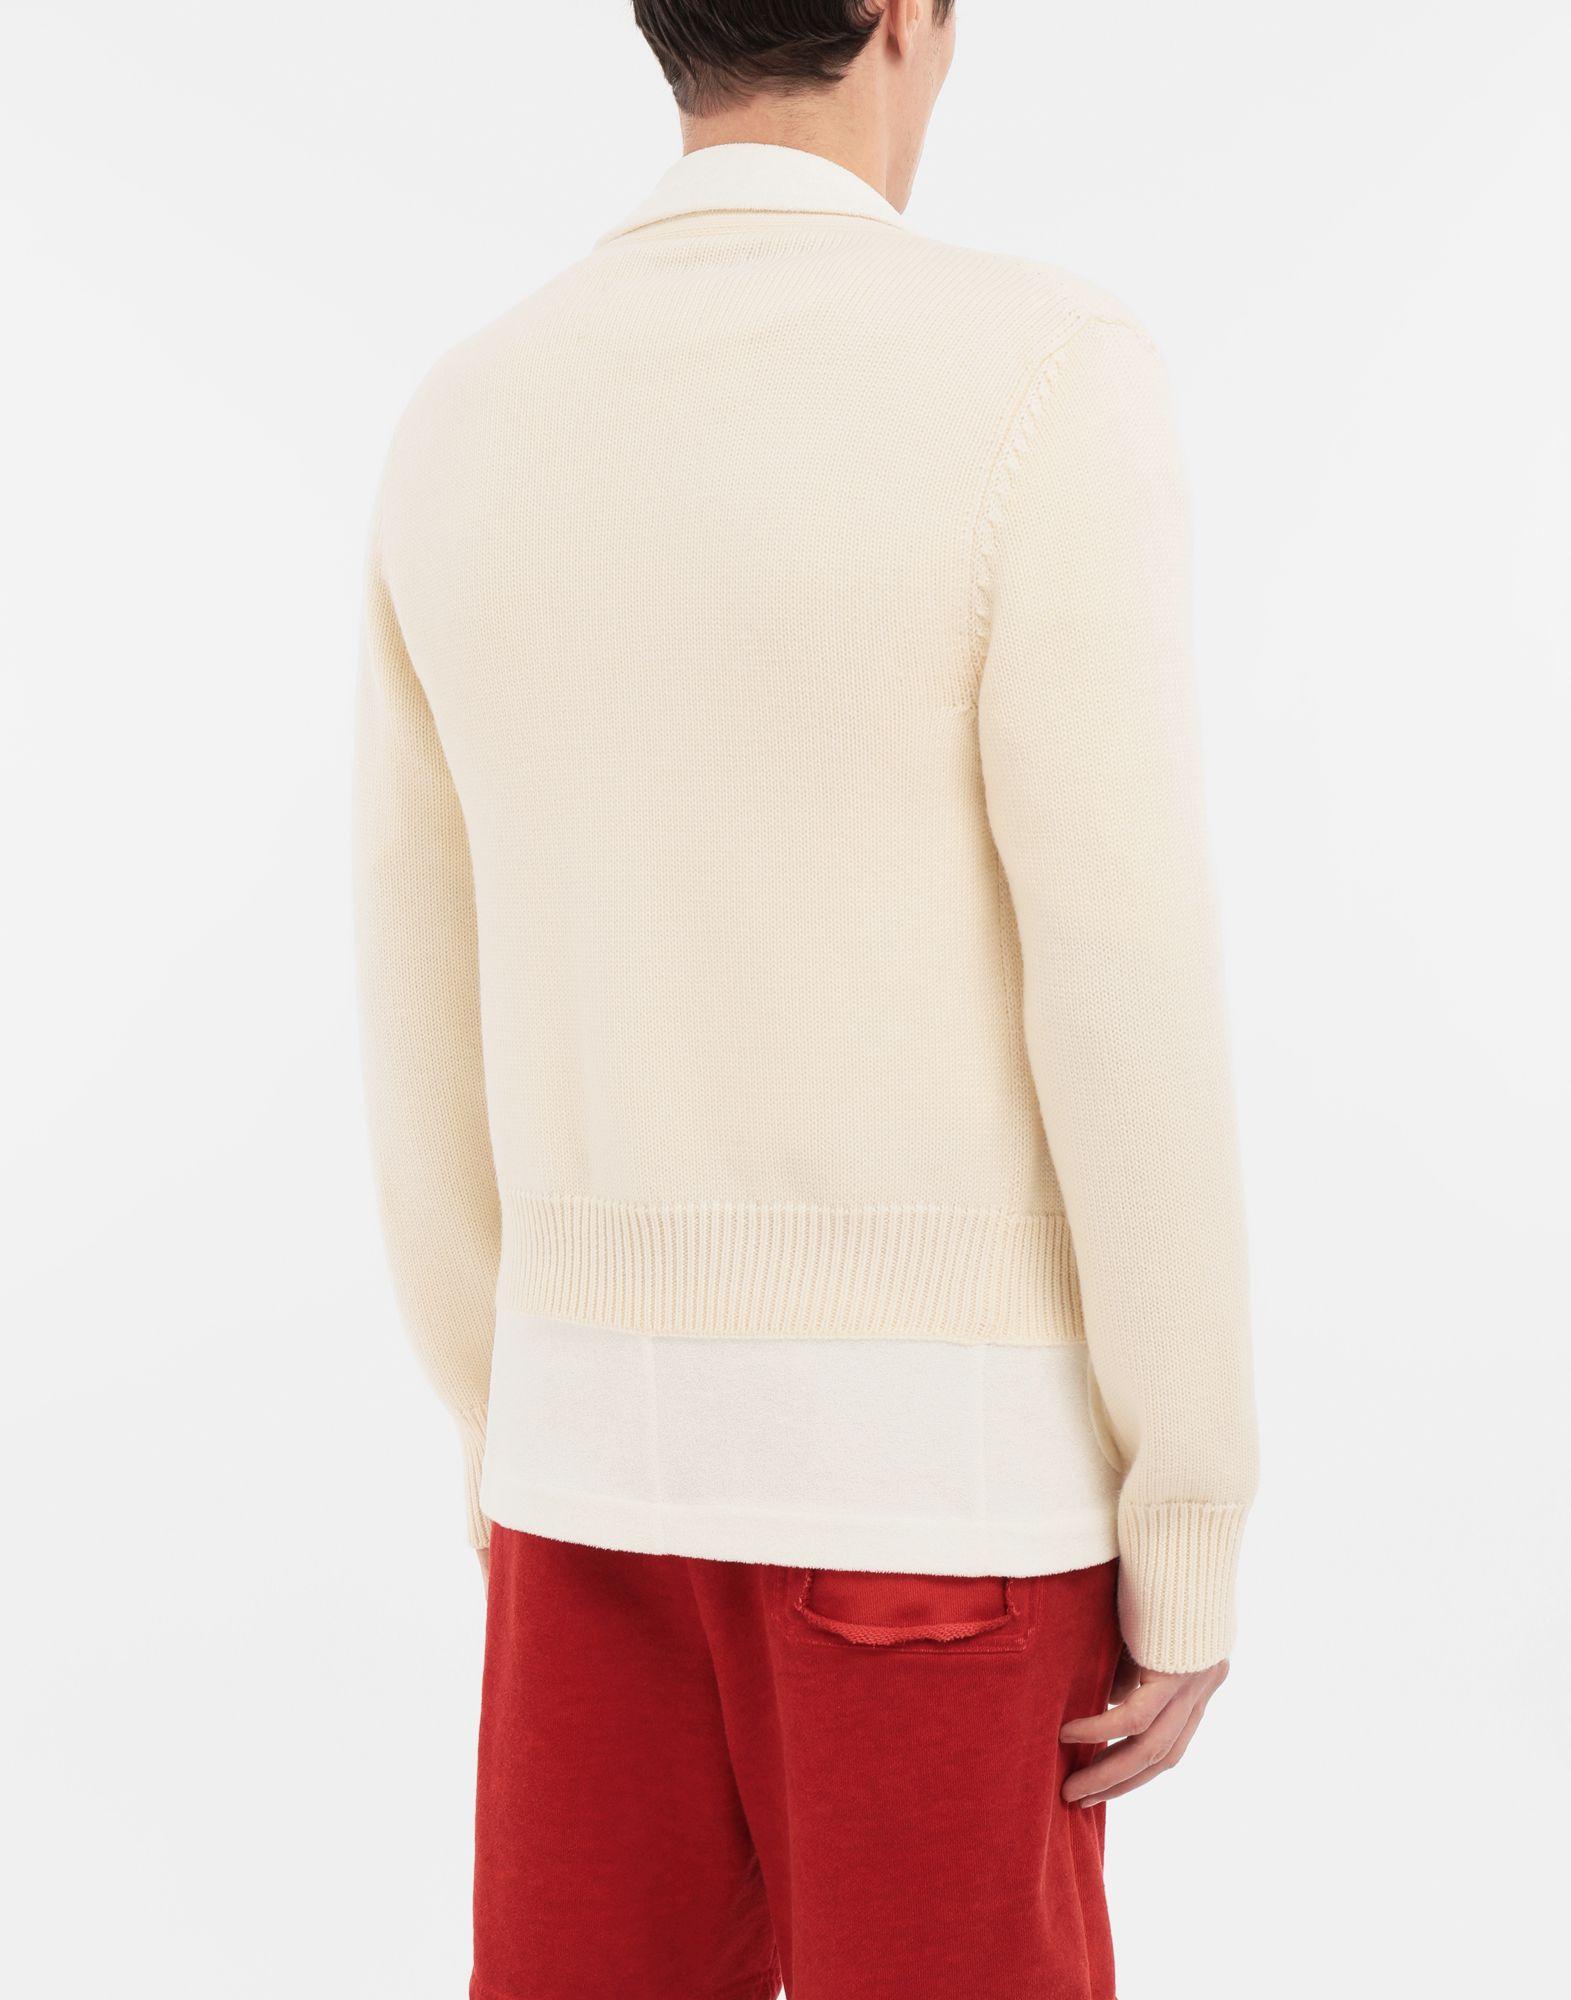 MAISON MARGIELA Spliced knit cardigan jacket Blazer Man e